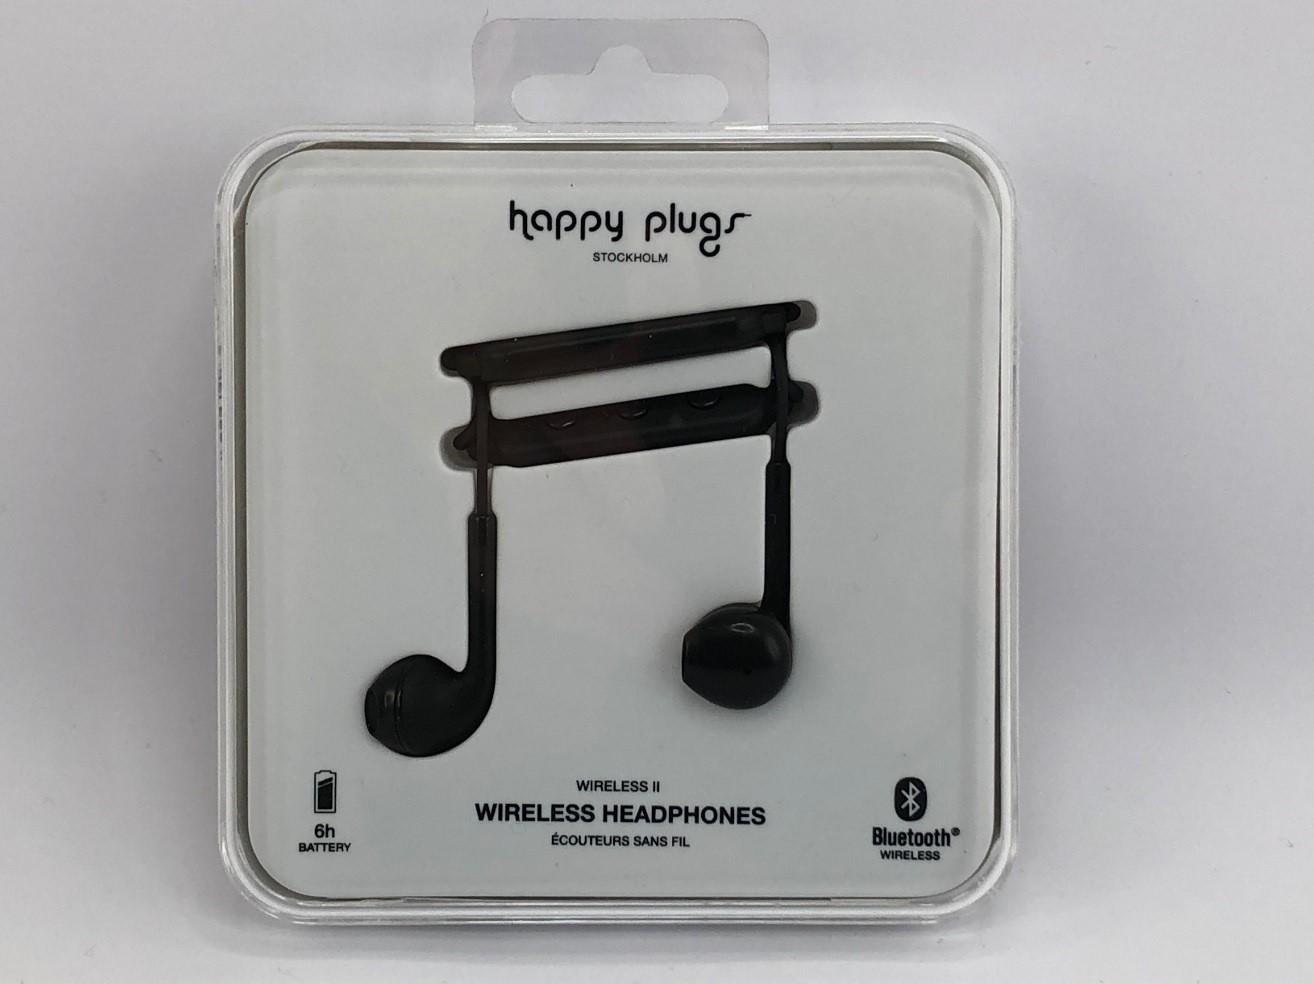 Recalled Happy Plugs wireless headphones